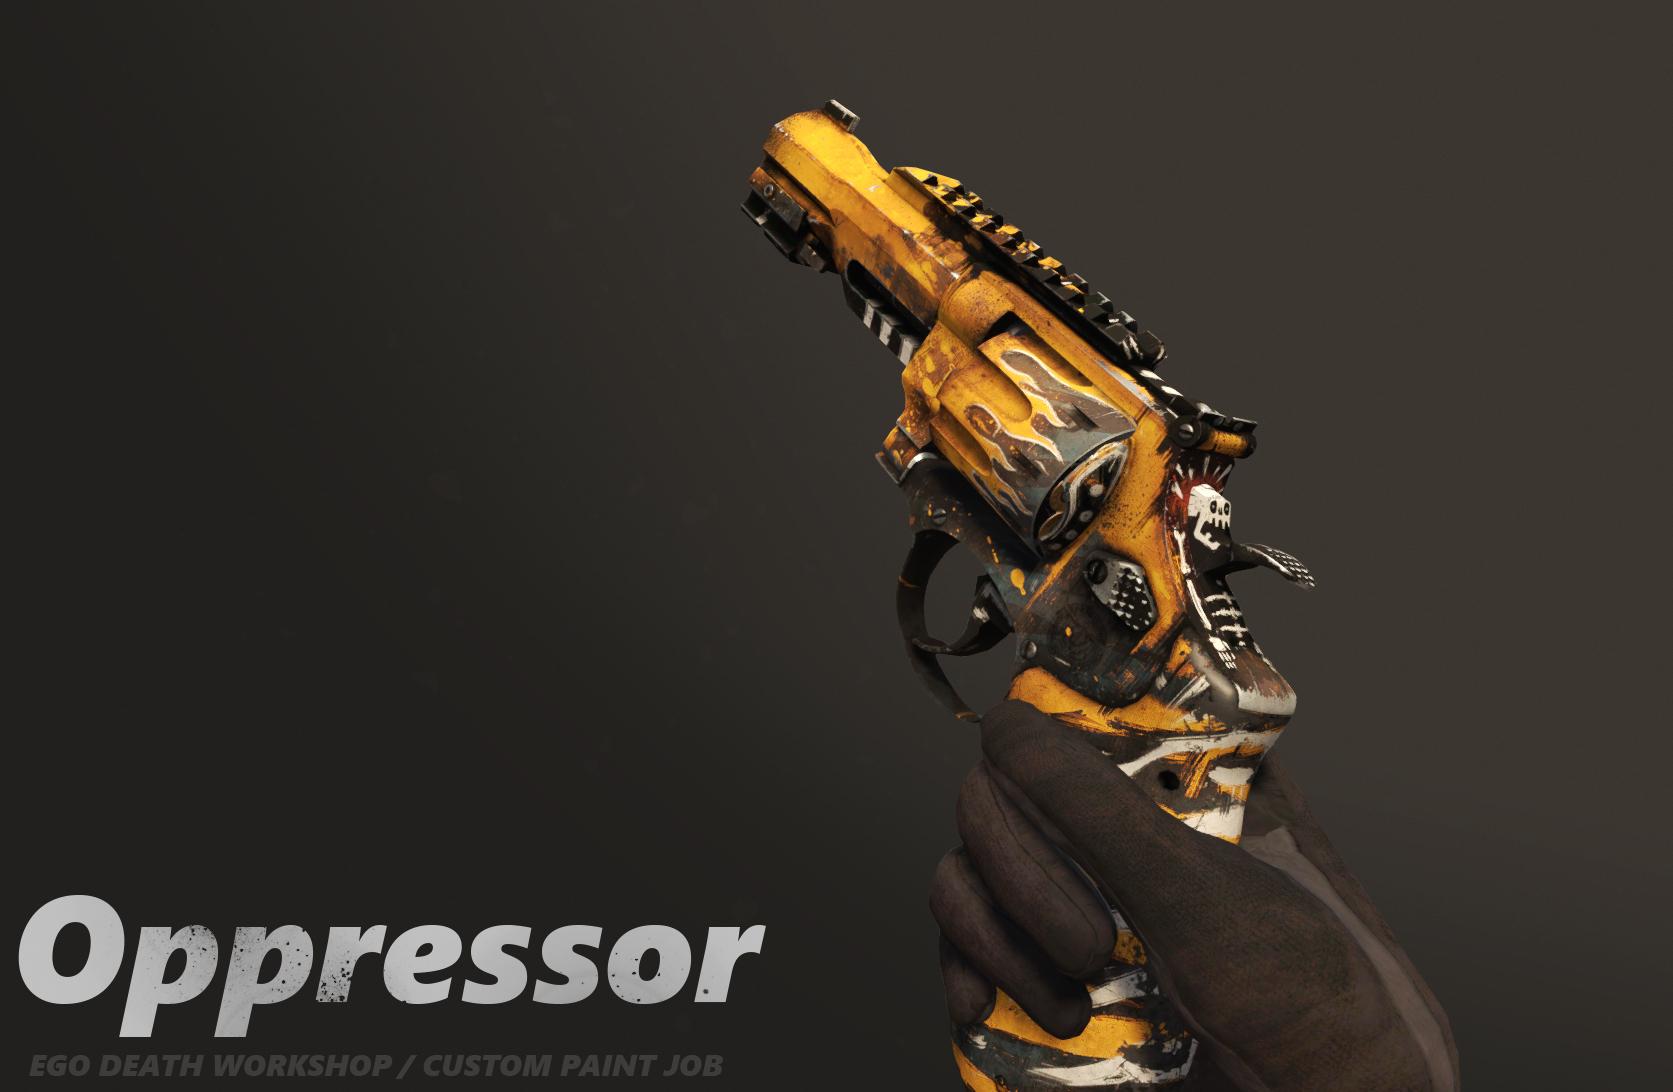 r8 oppressor new looks